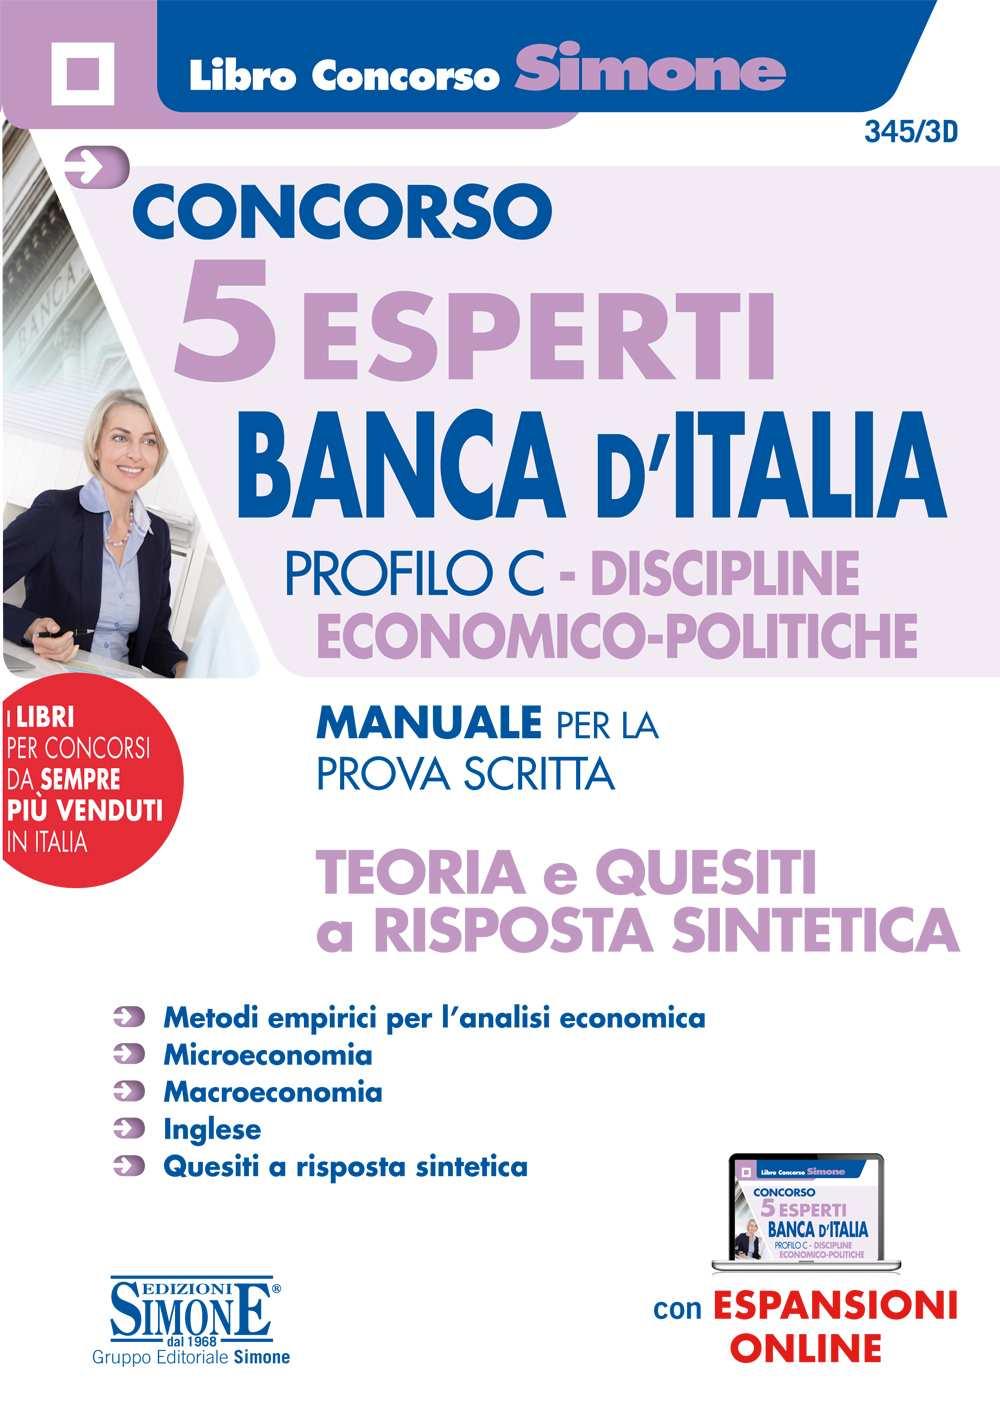 Manuale Concorso 5 Esperti Banca d'Italia